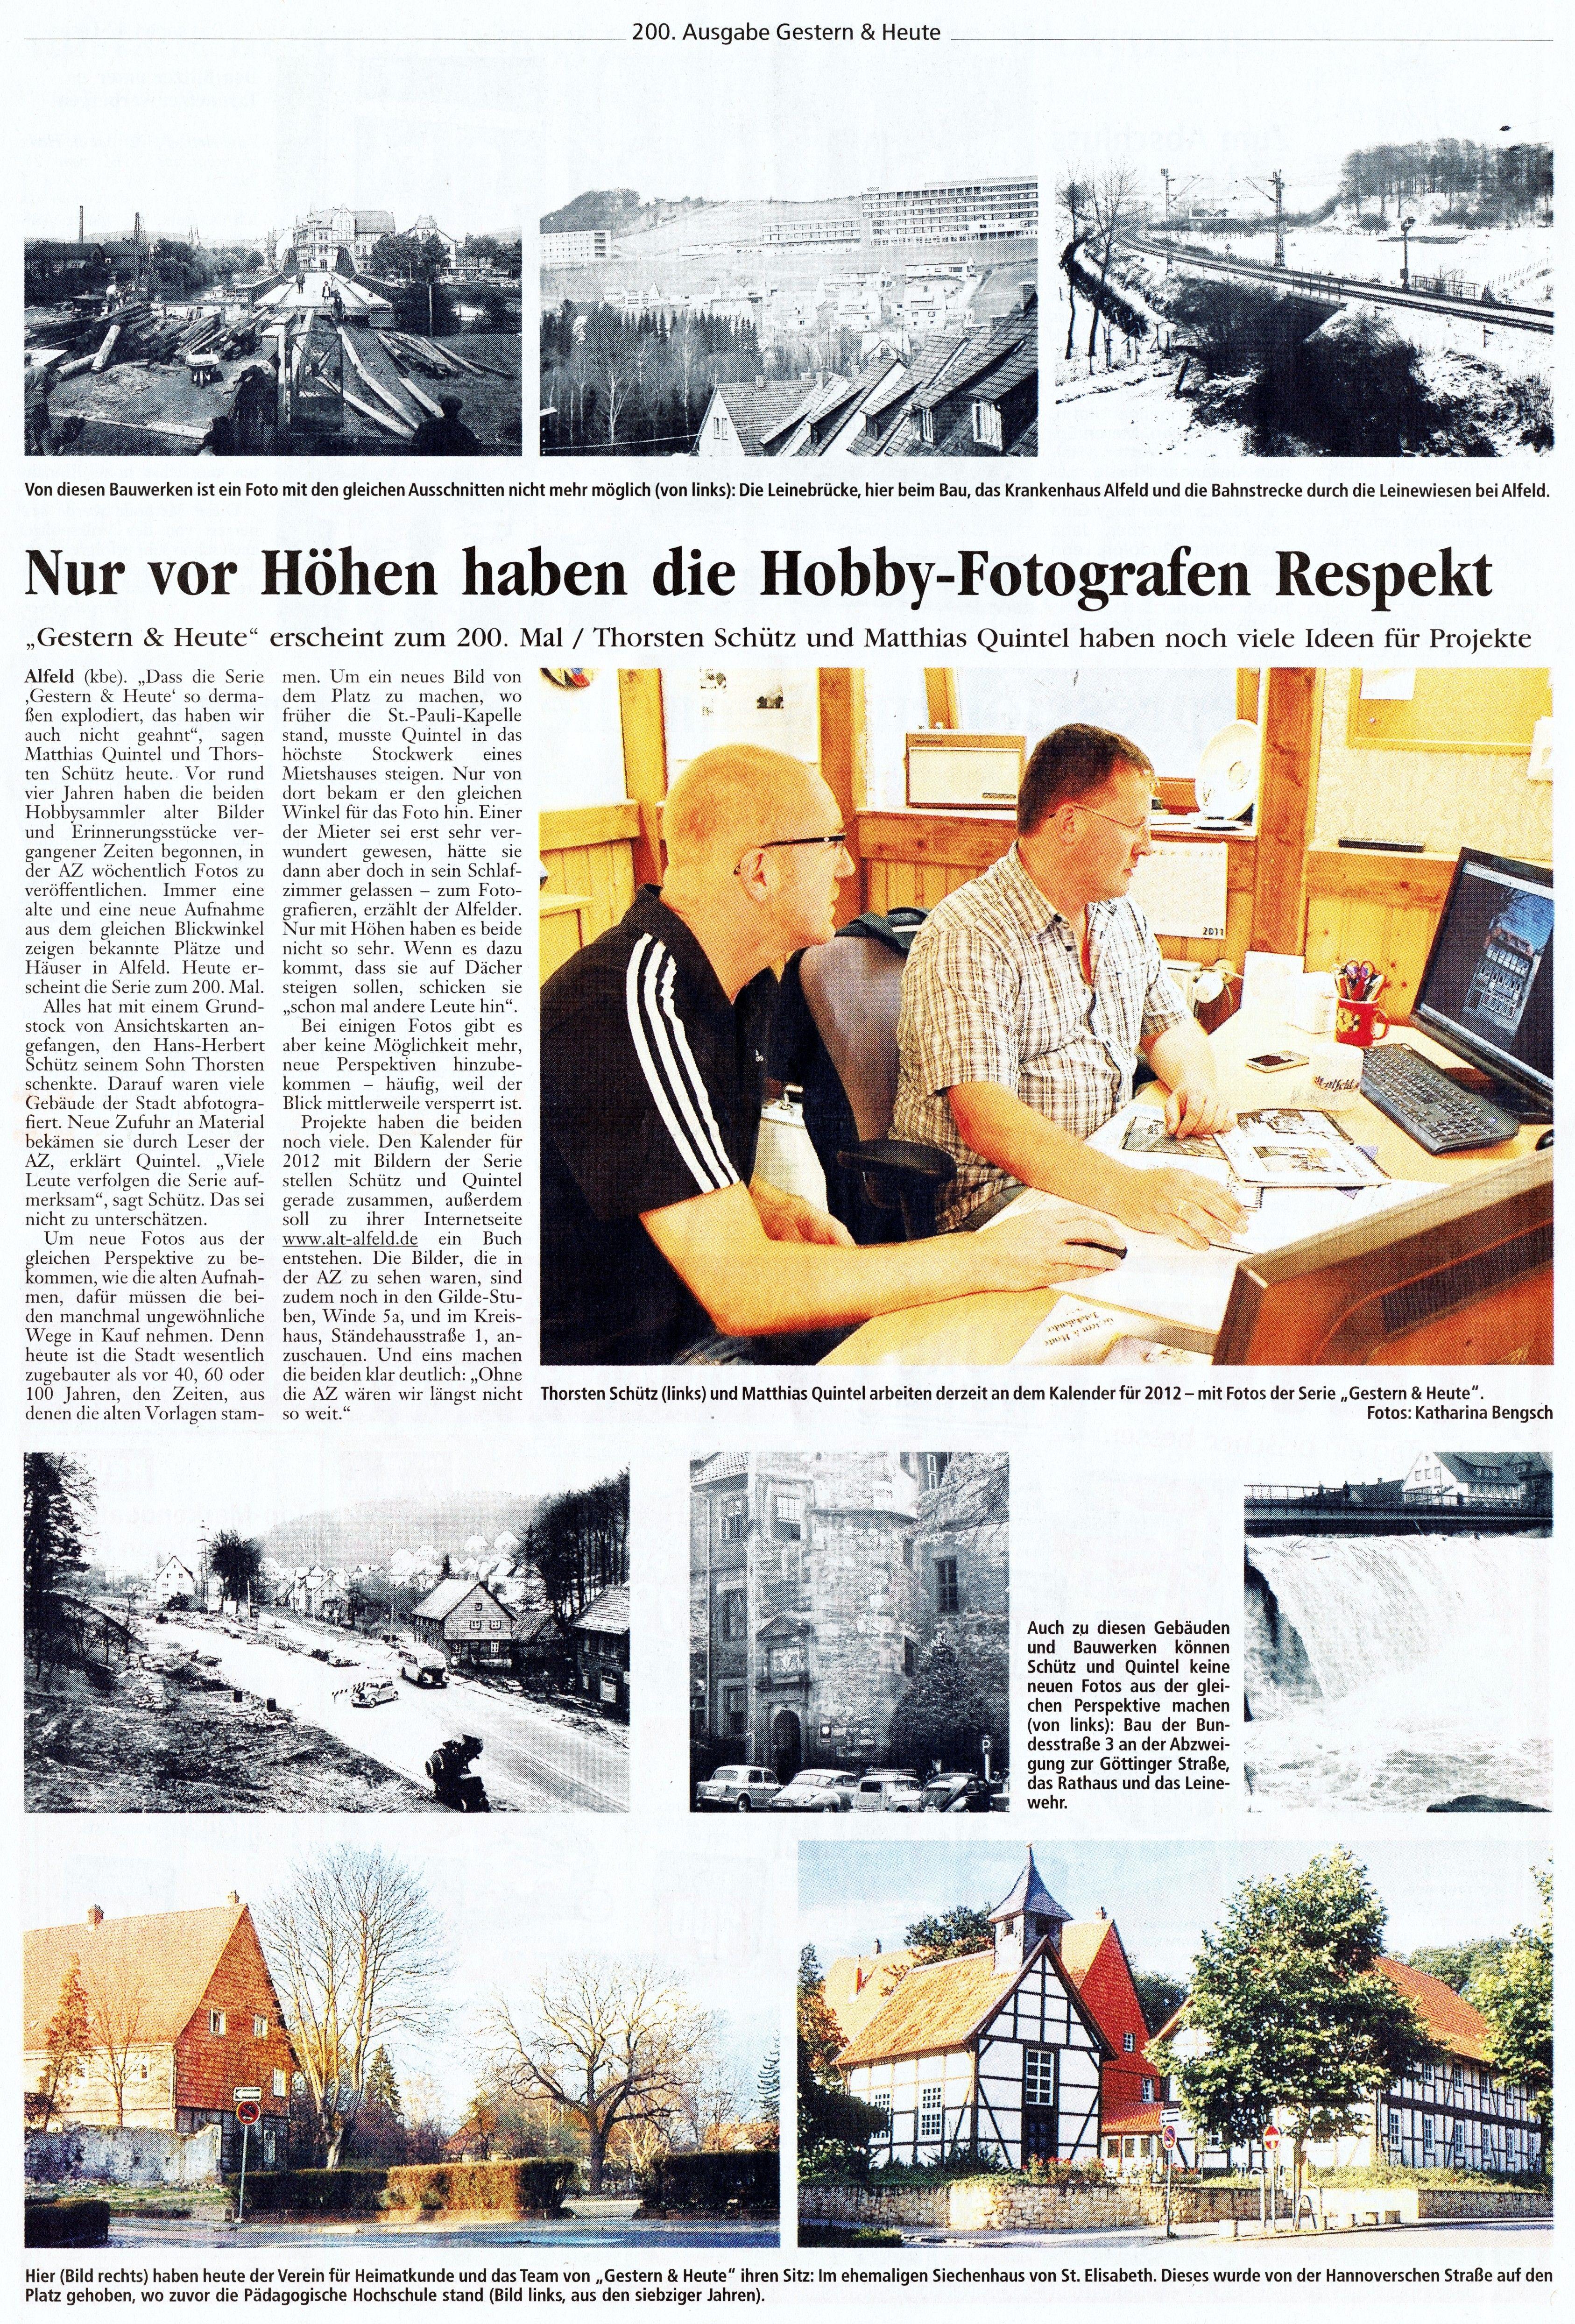 AZ vom 28.07.2011-gestern+heute-200. Ausgabe